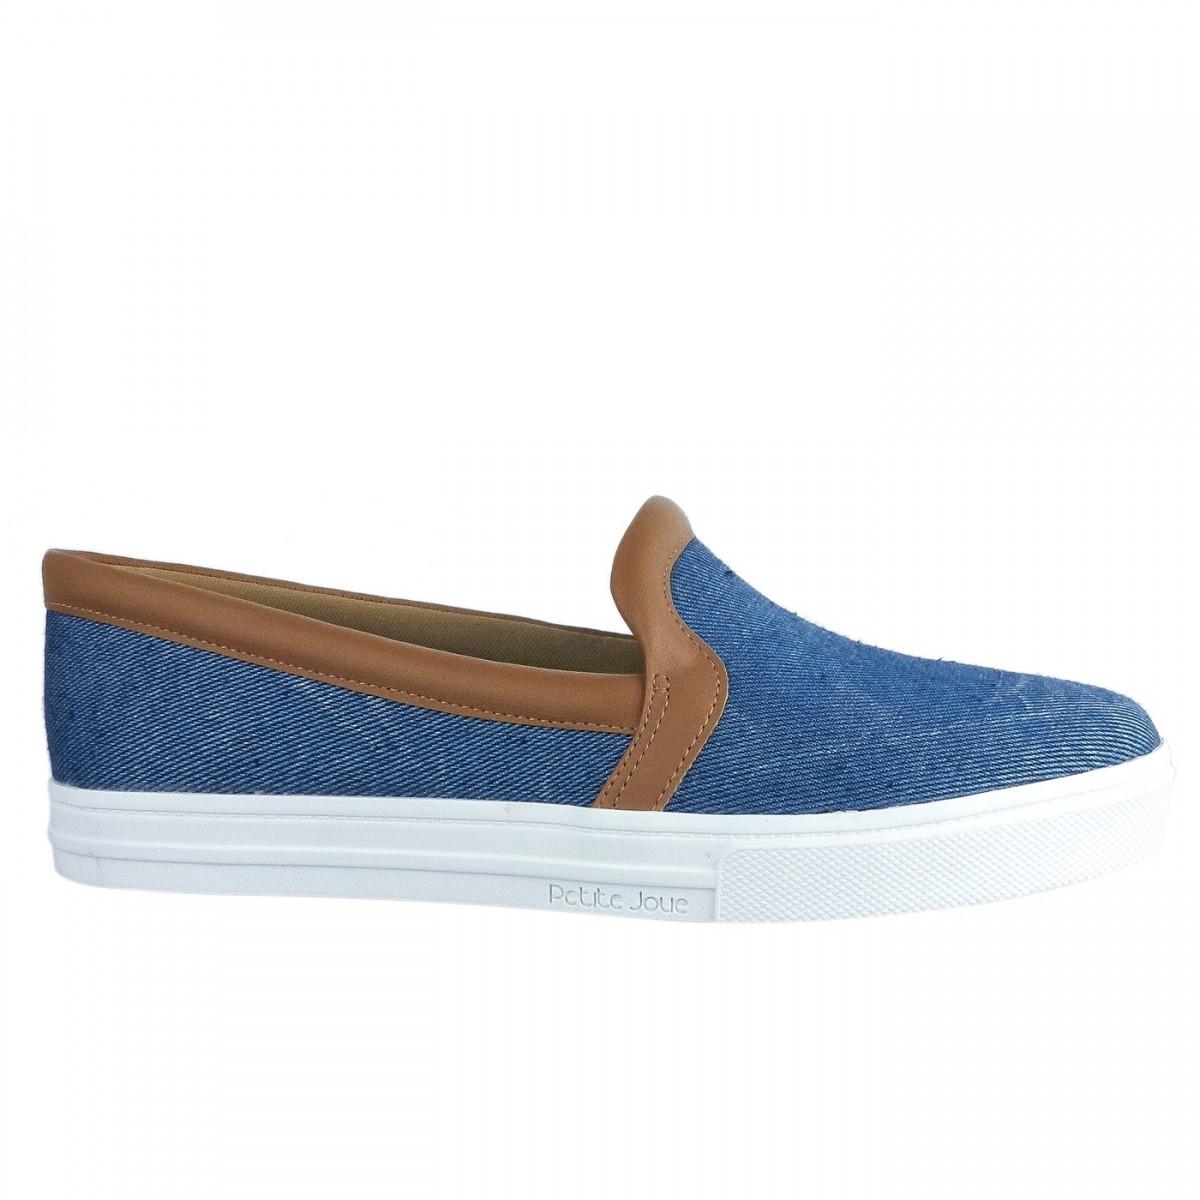 26c6b890e6f Bizz Store - Tênis Feminino Petite Jolie Jeans Azul Sem Cadarço